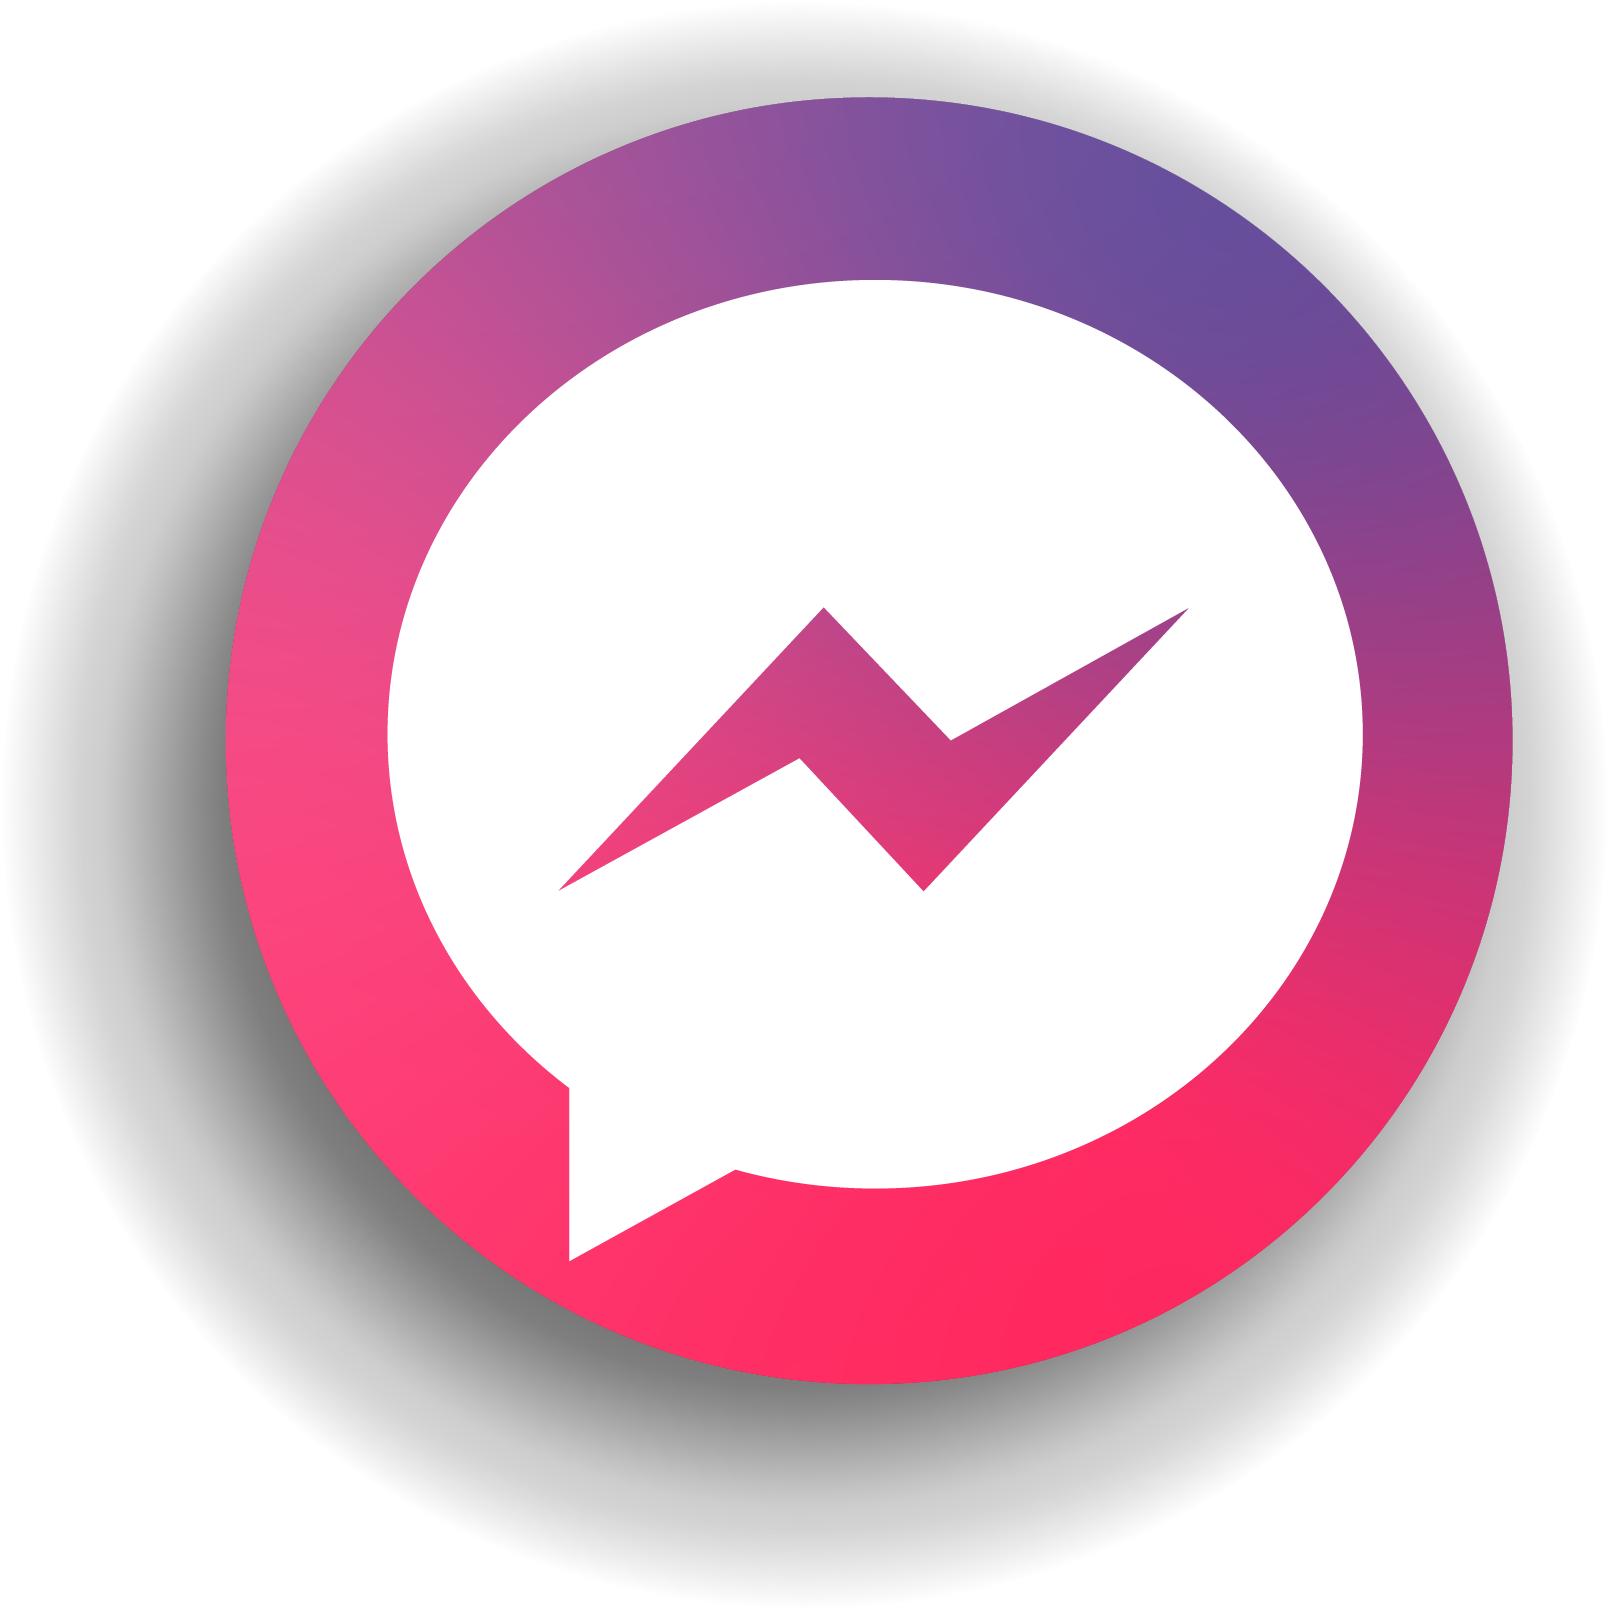 Messenger_button